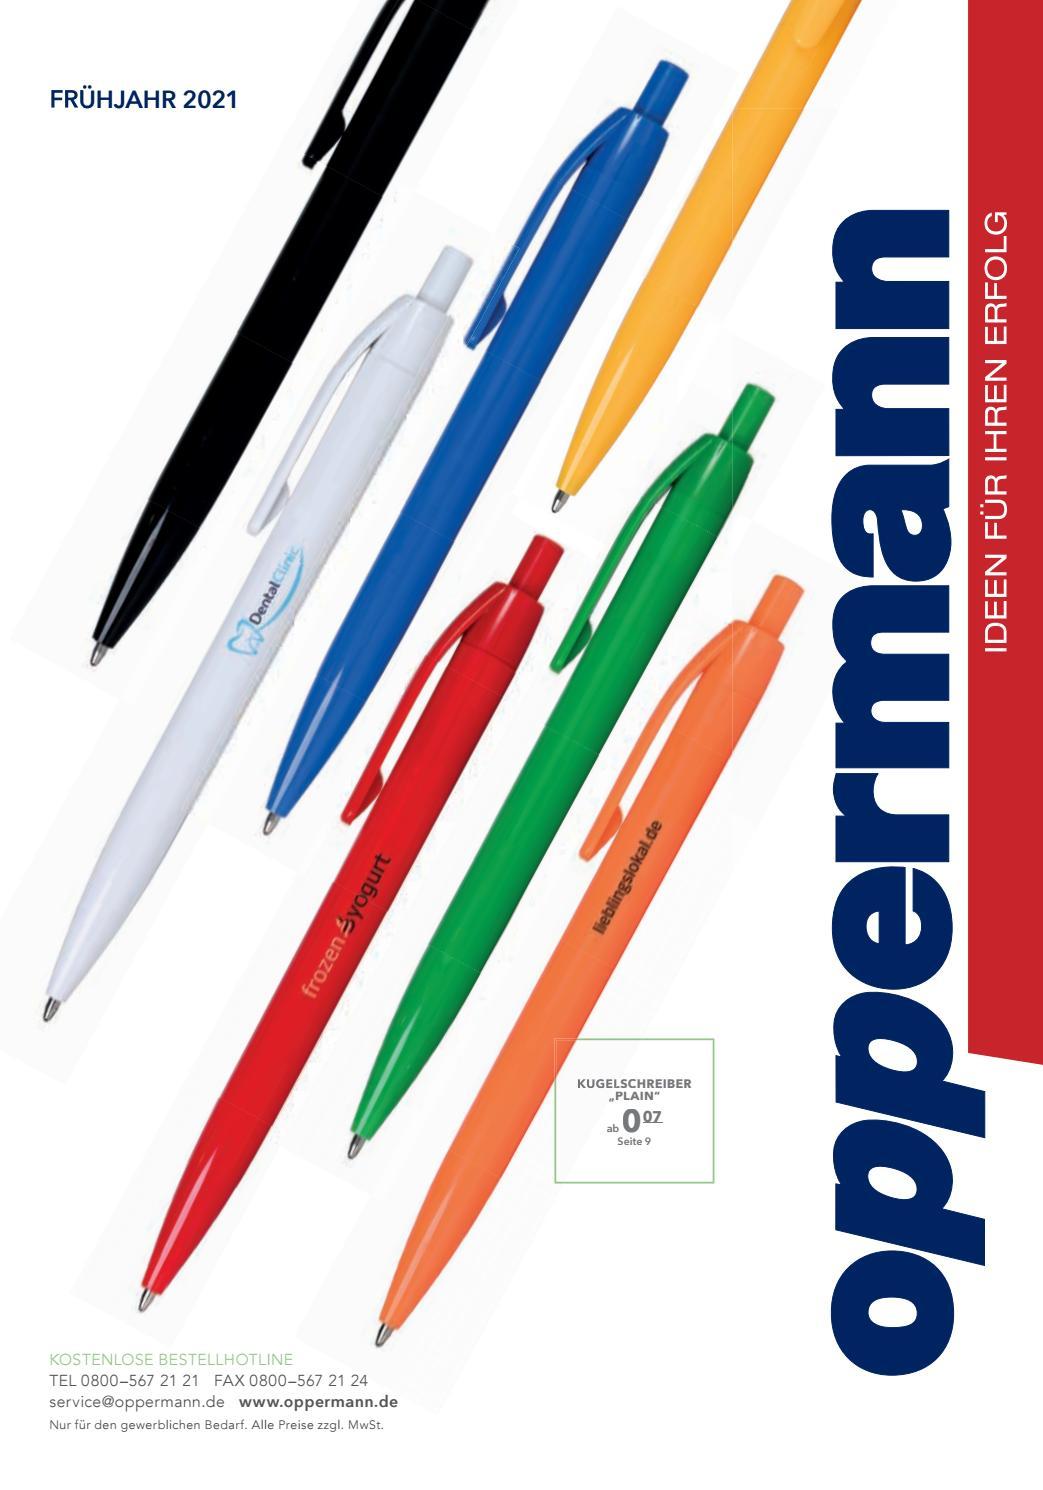 Auswahl variiert 4x Springseil für Kinder in bunten Farben 260 cm